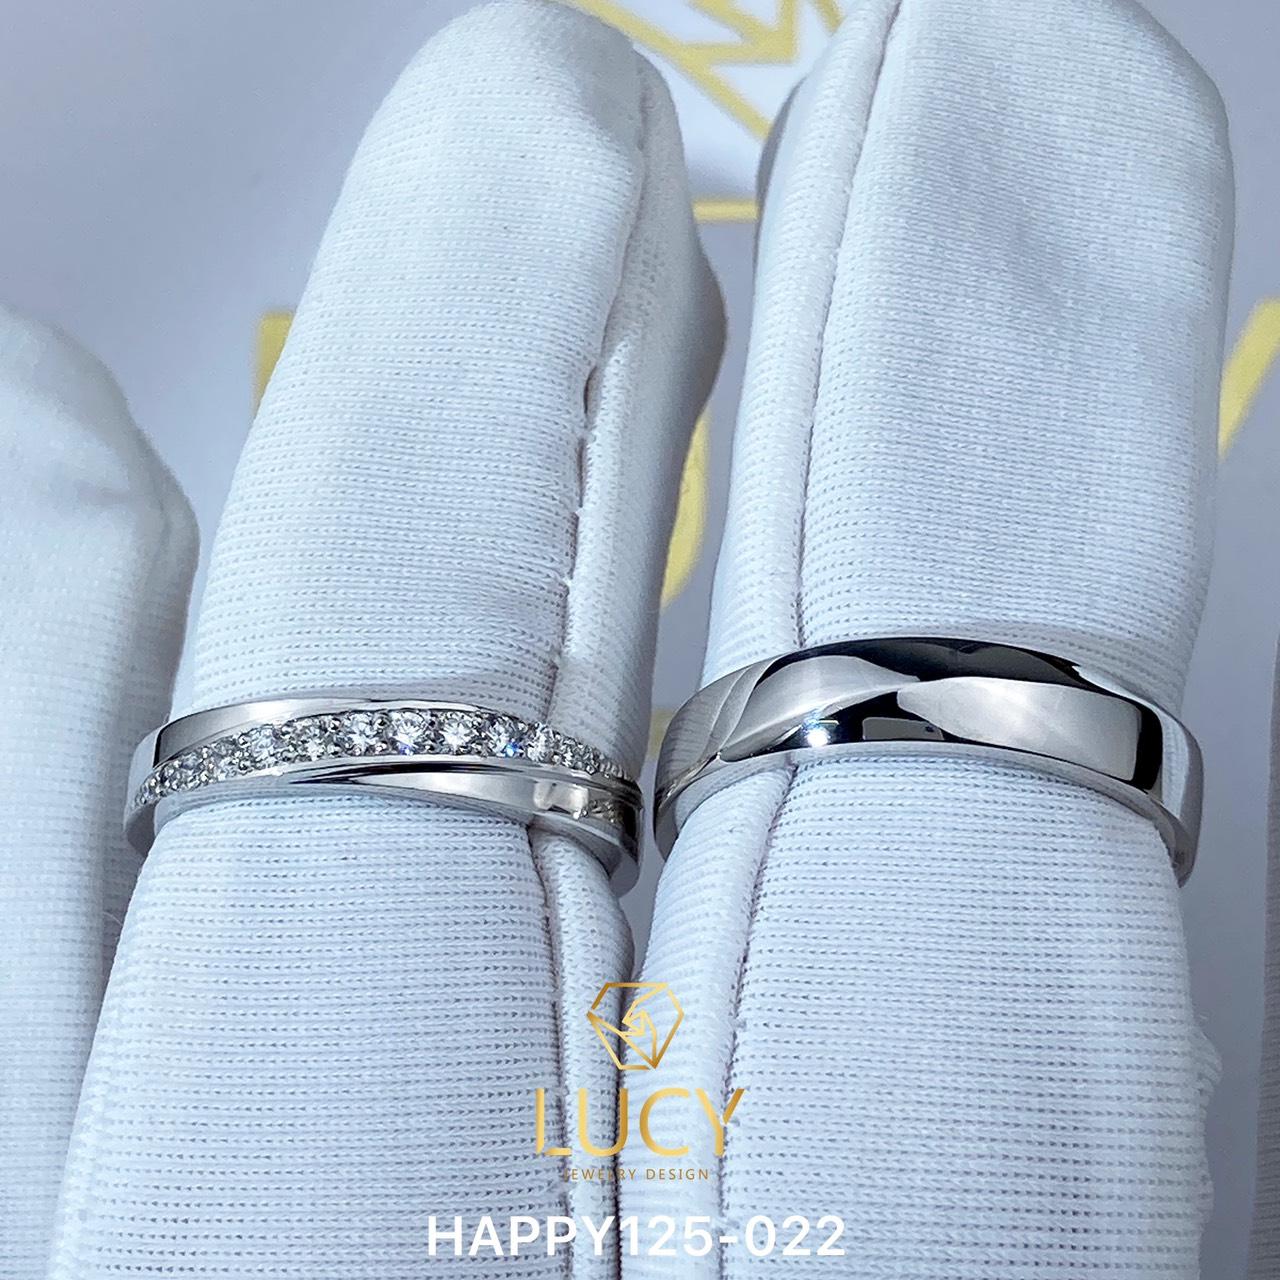 HAPPY125-022_PT900 Nhẫn cưới bạch kim cao cấp Platinum 90% PT900 - Lucy Jewelry